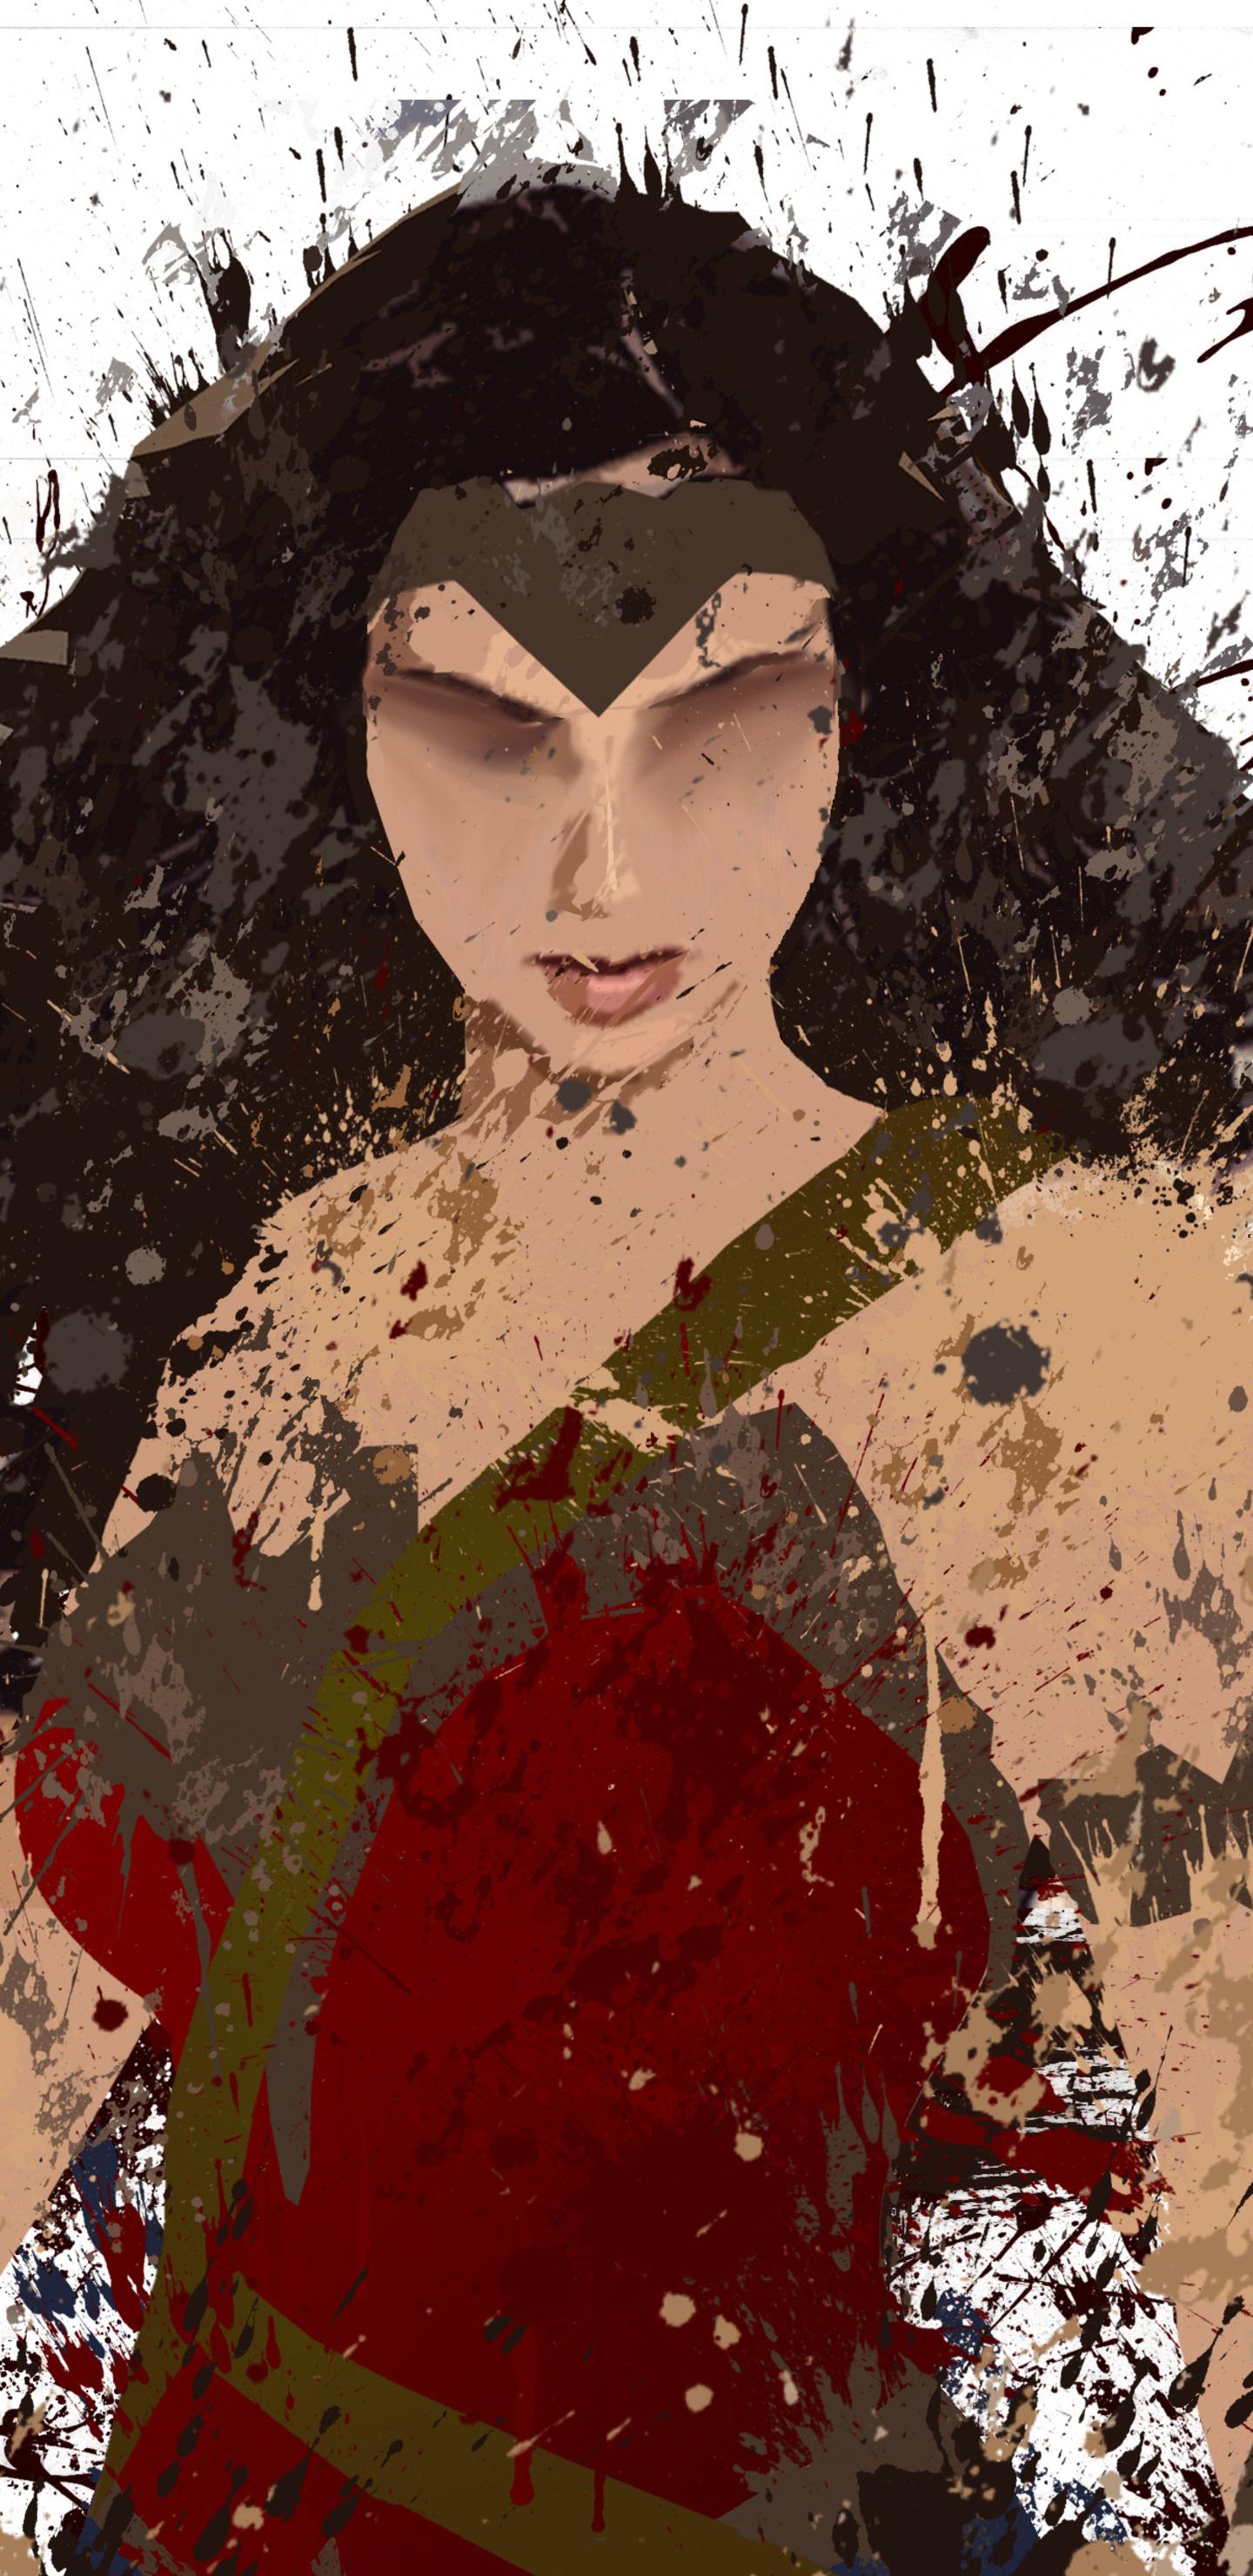 wonder-woman-4k-fan-art-x4.jpg